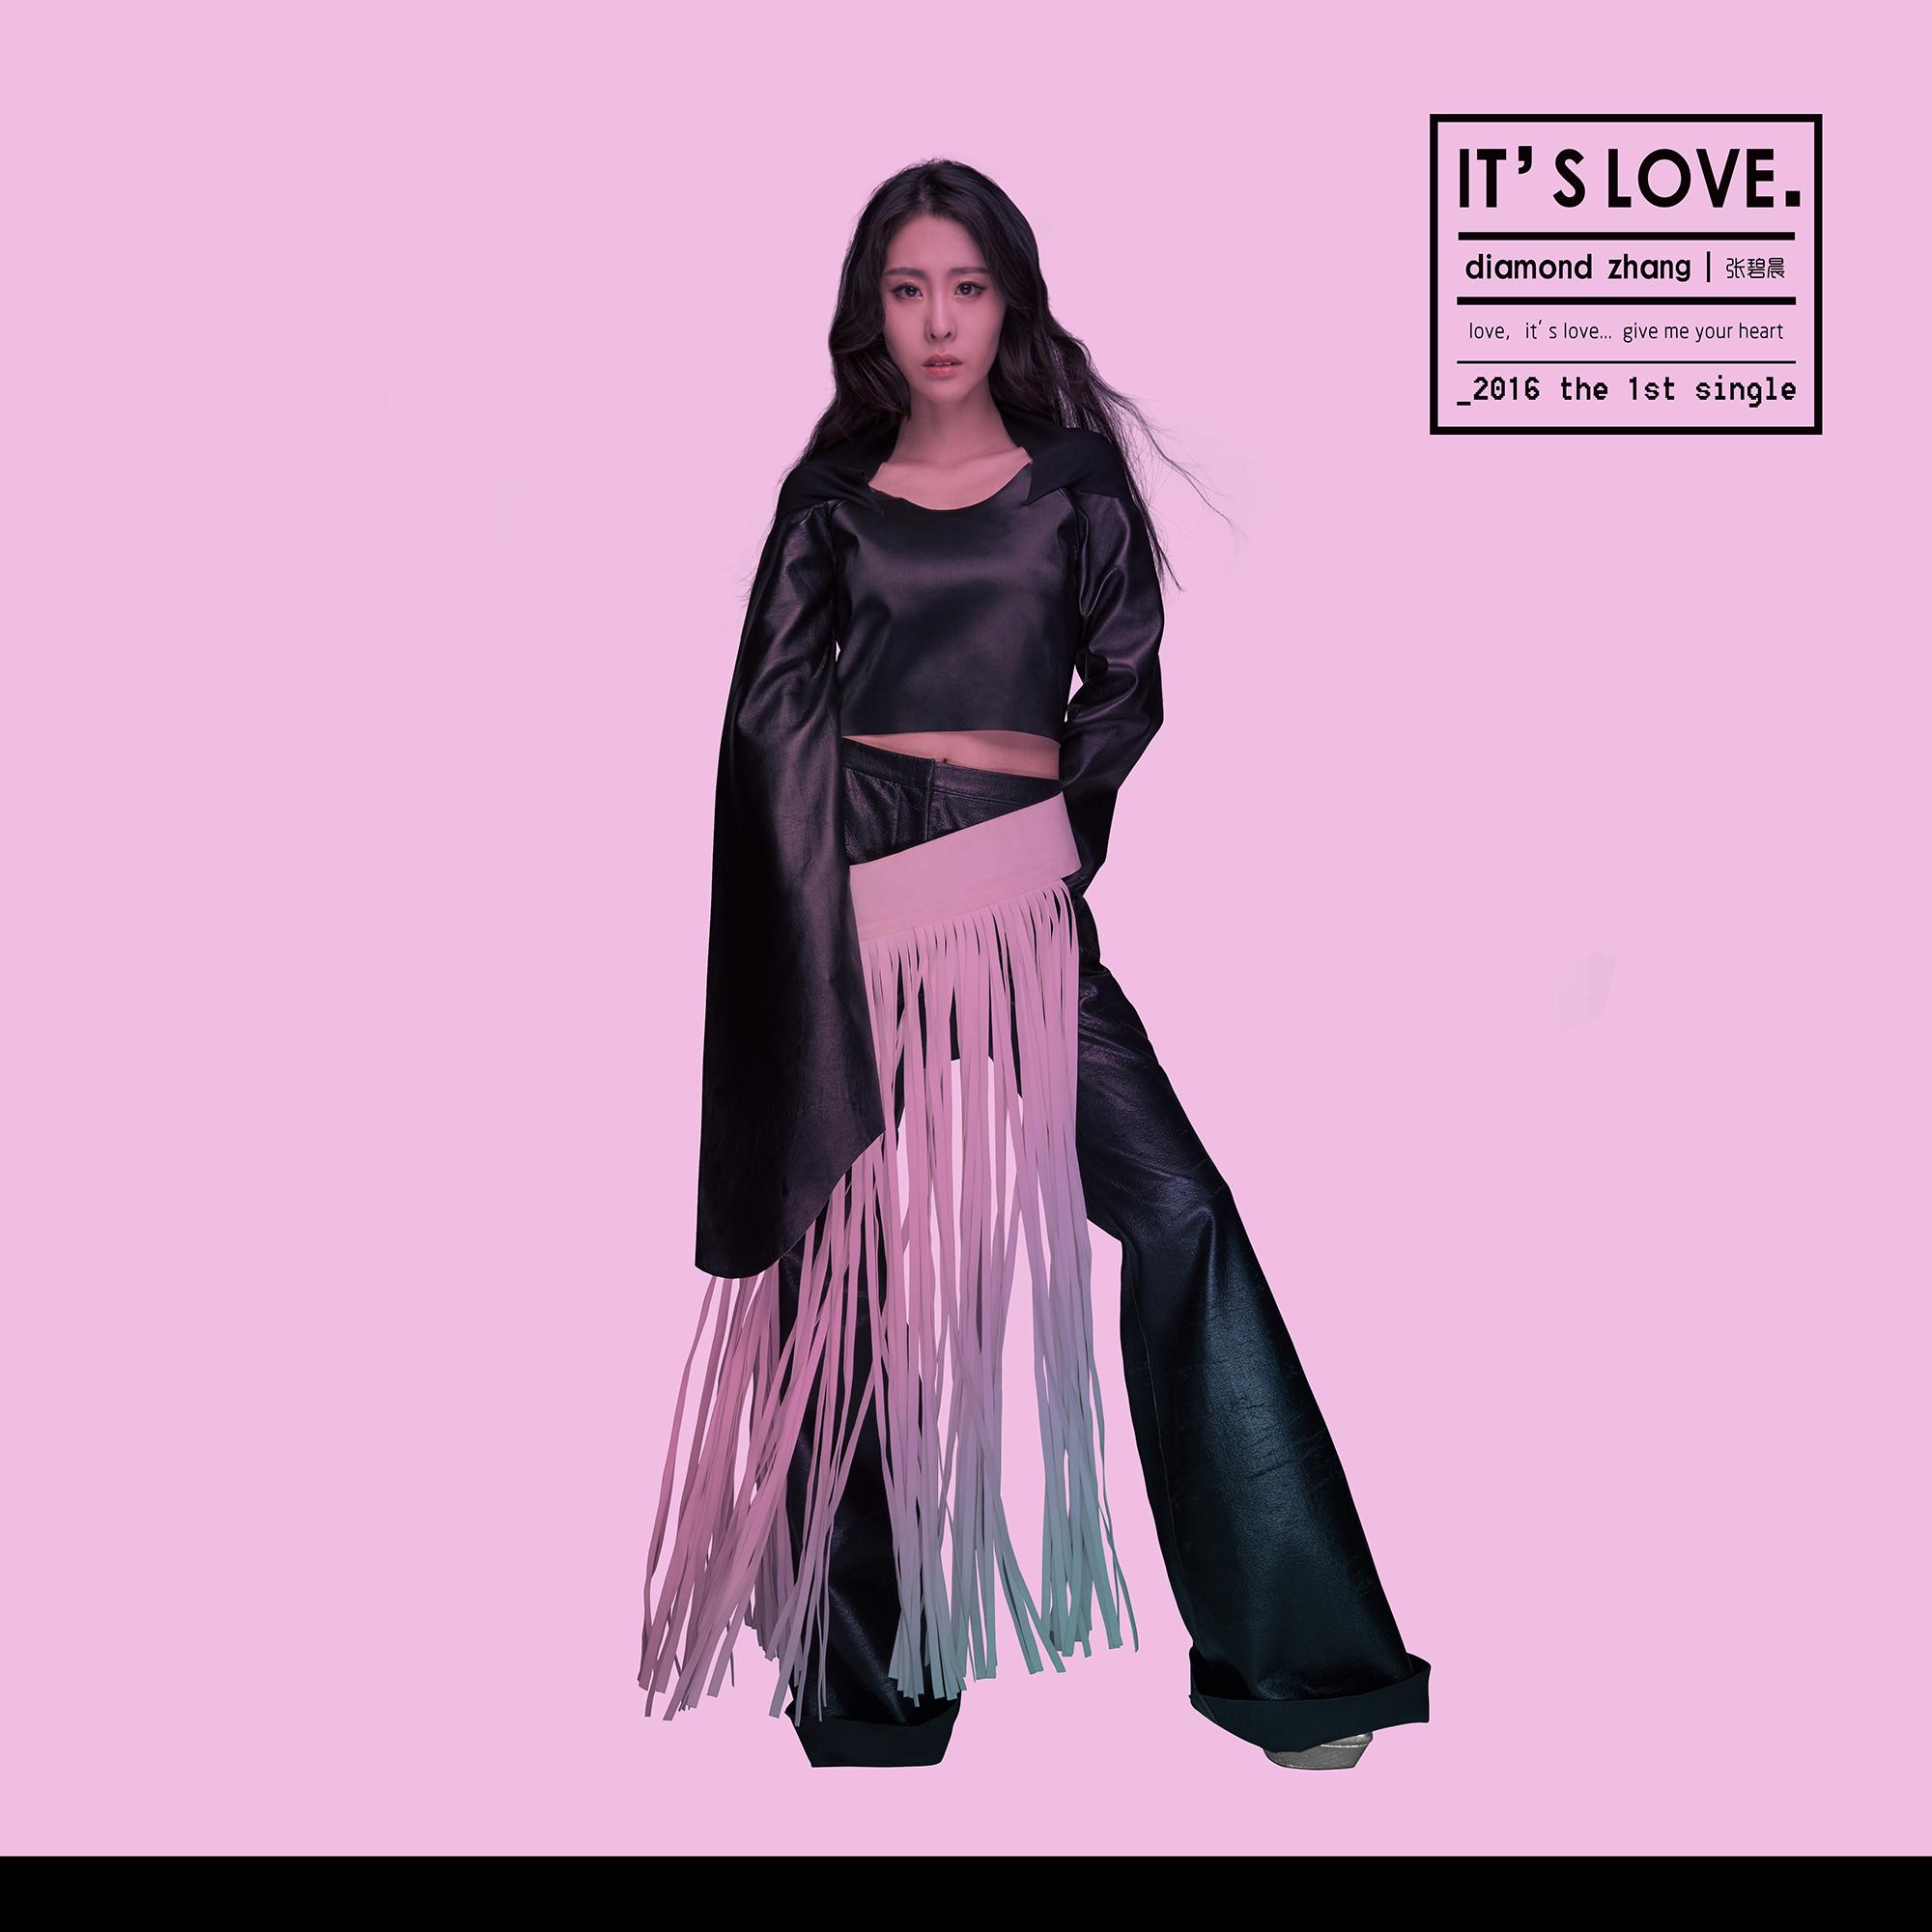 张碧晨新专辑首支预热单曲《It's Love》首发